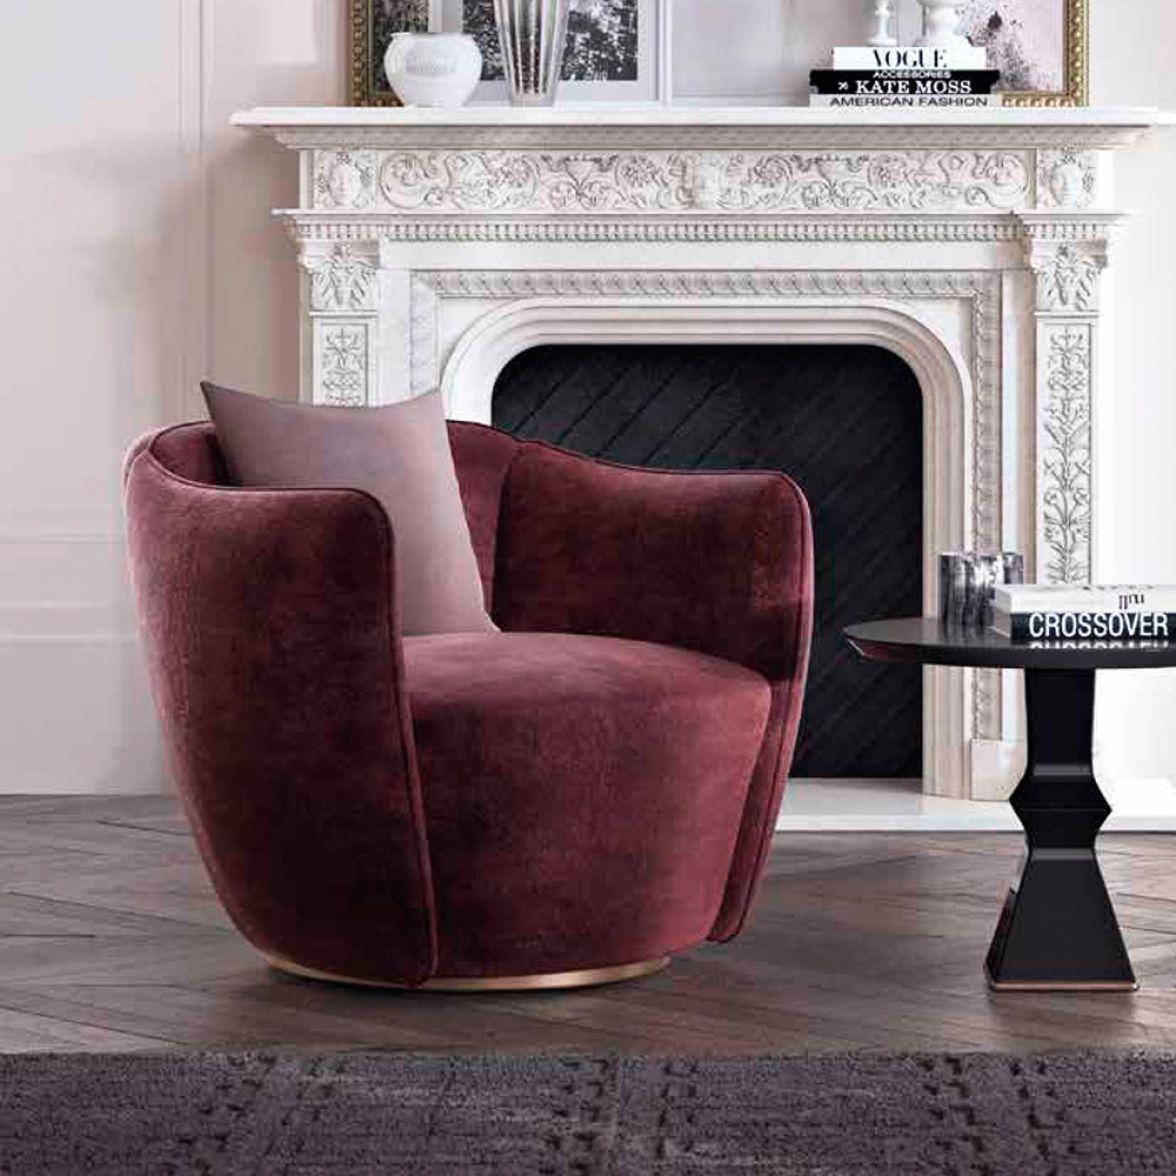 Audrey M armchair